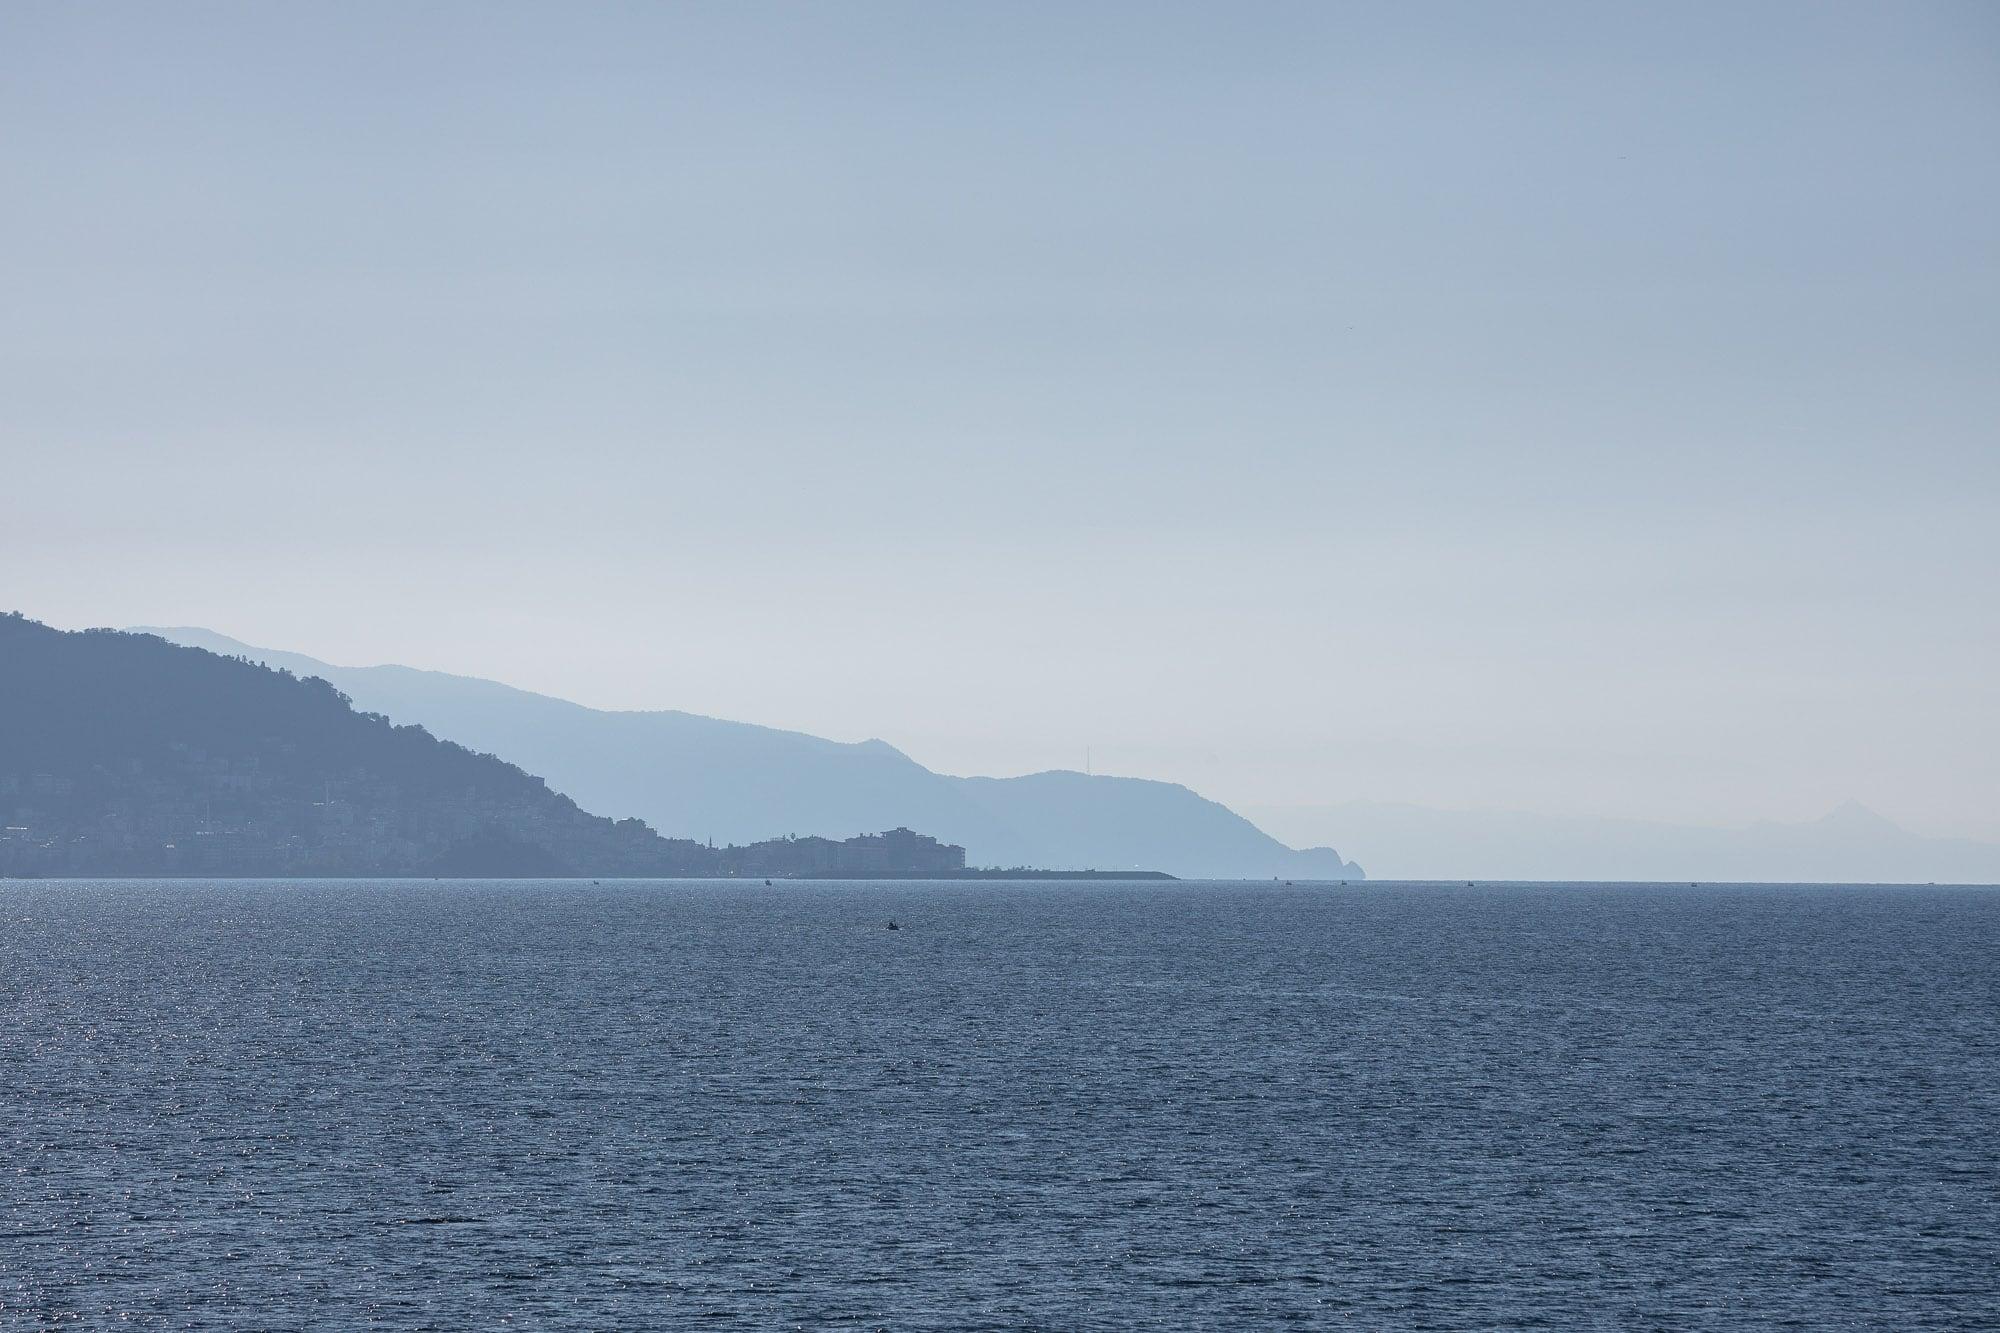 Black Sea near Görele